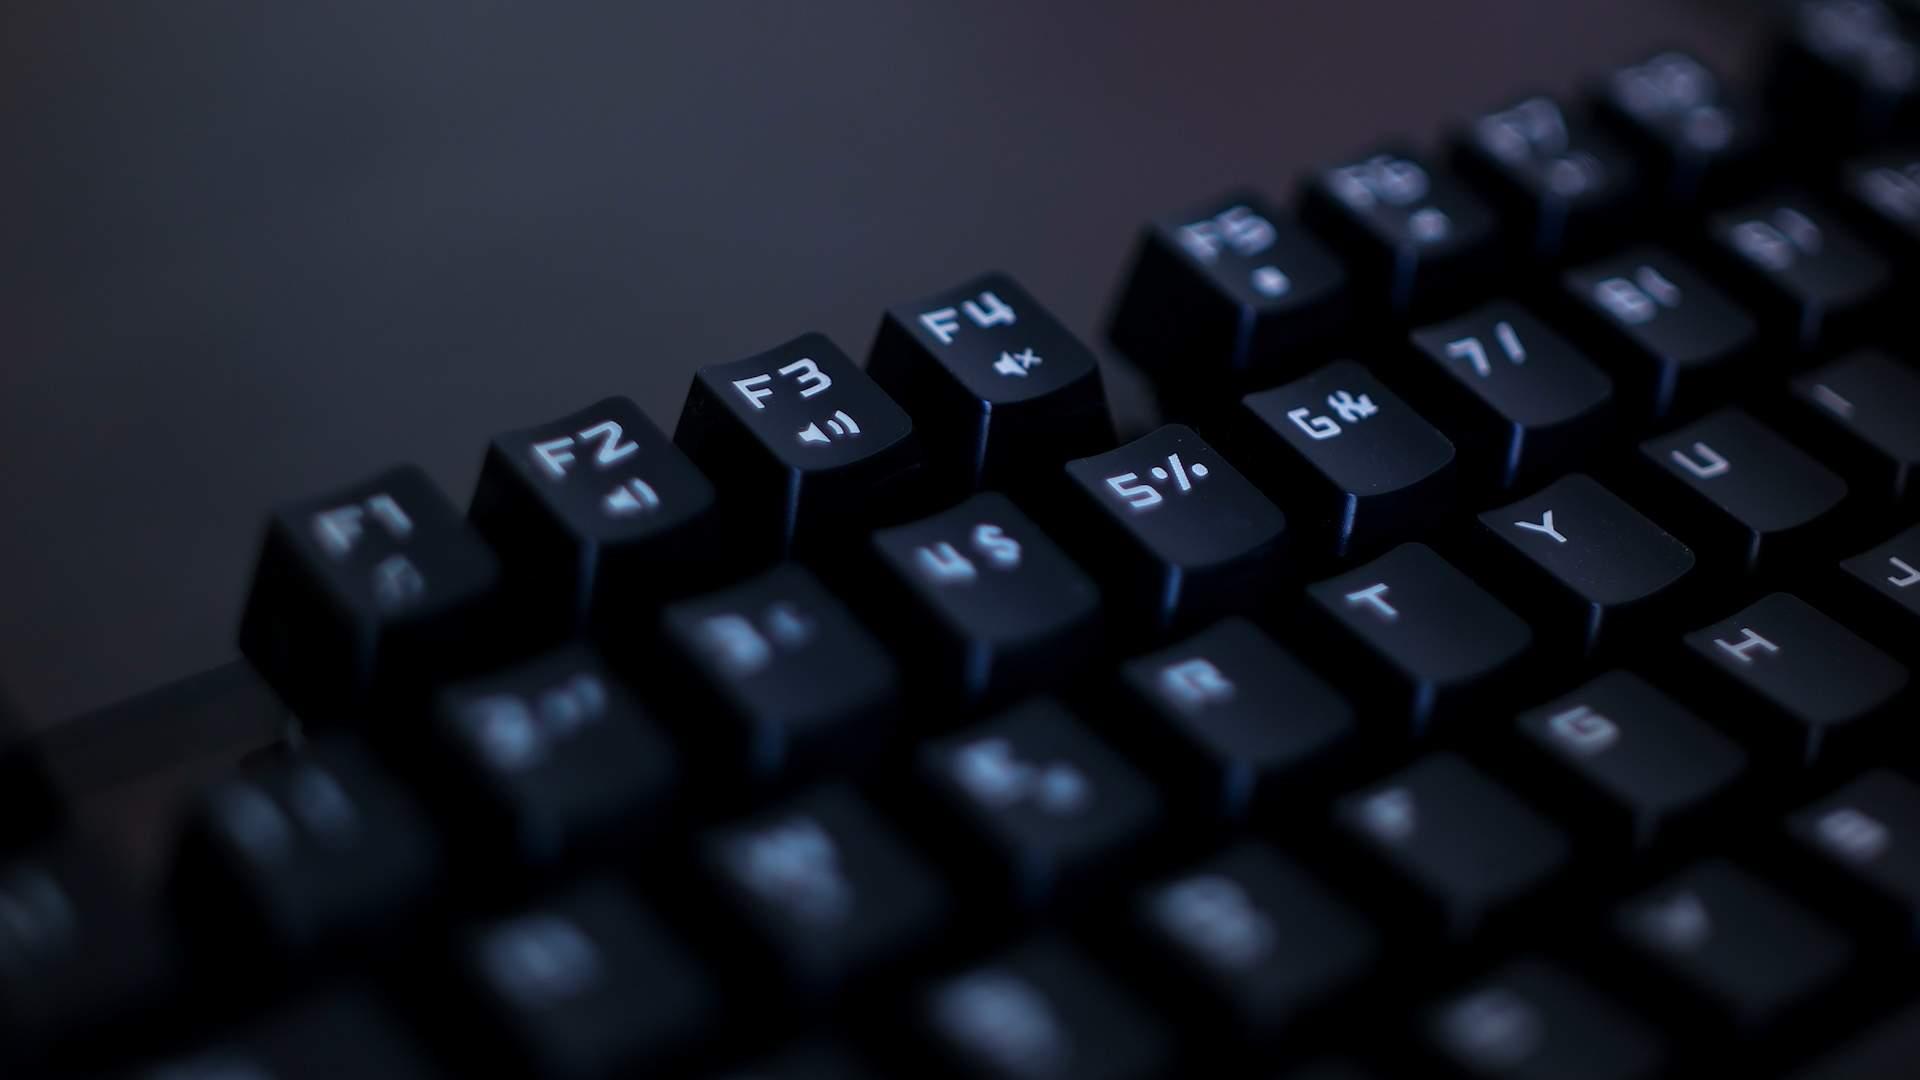 Tasti multifunzione iTek Taurus T15M1 Gaming Keyboard